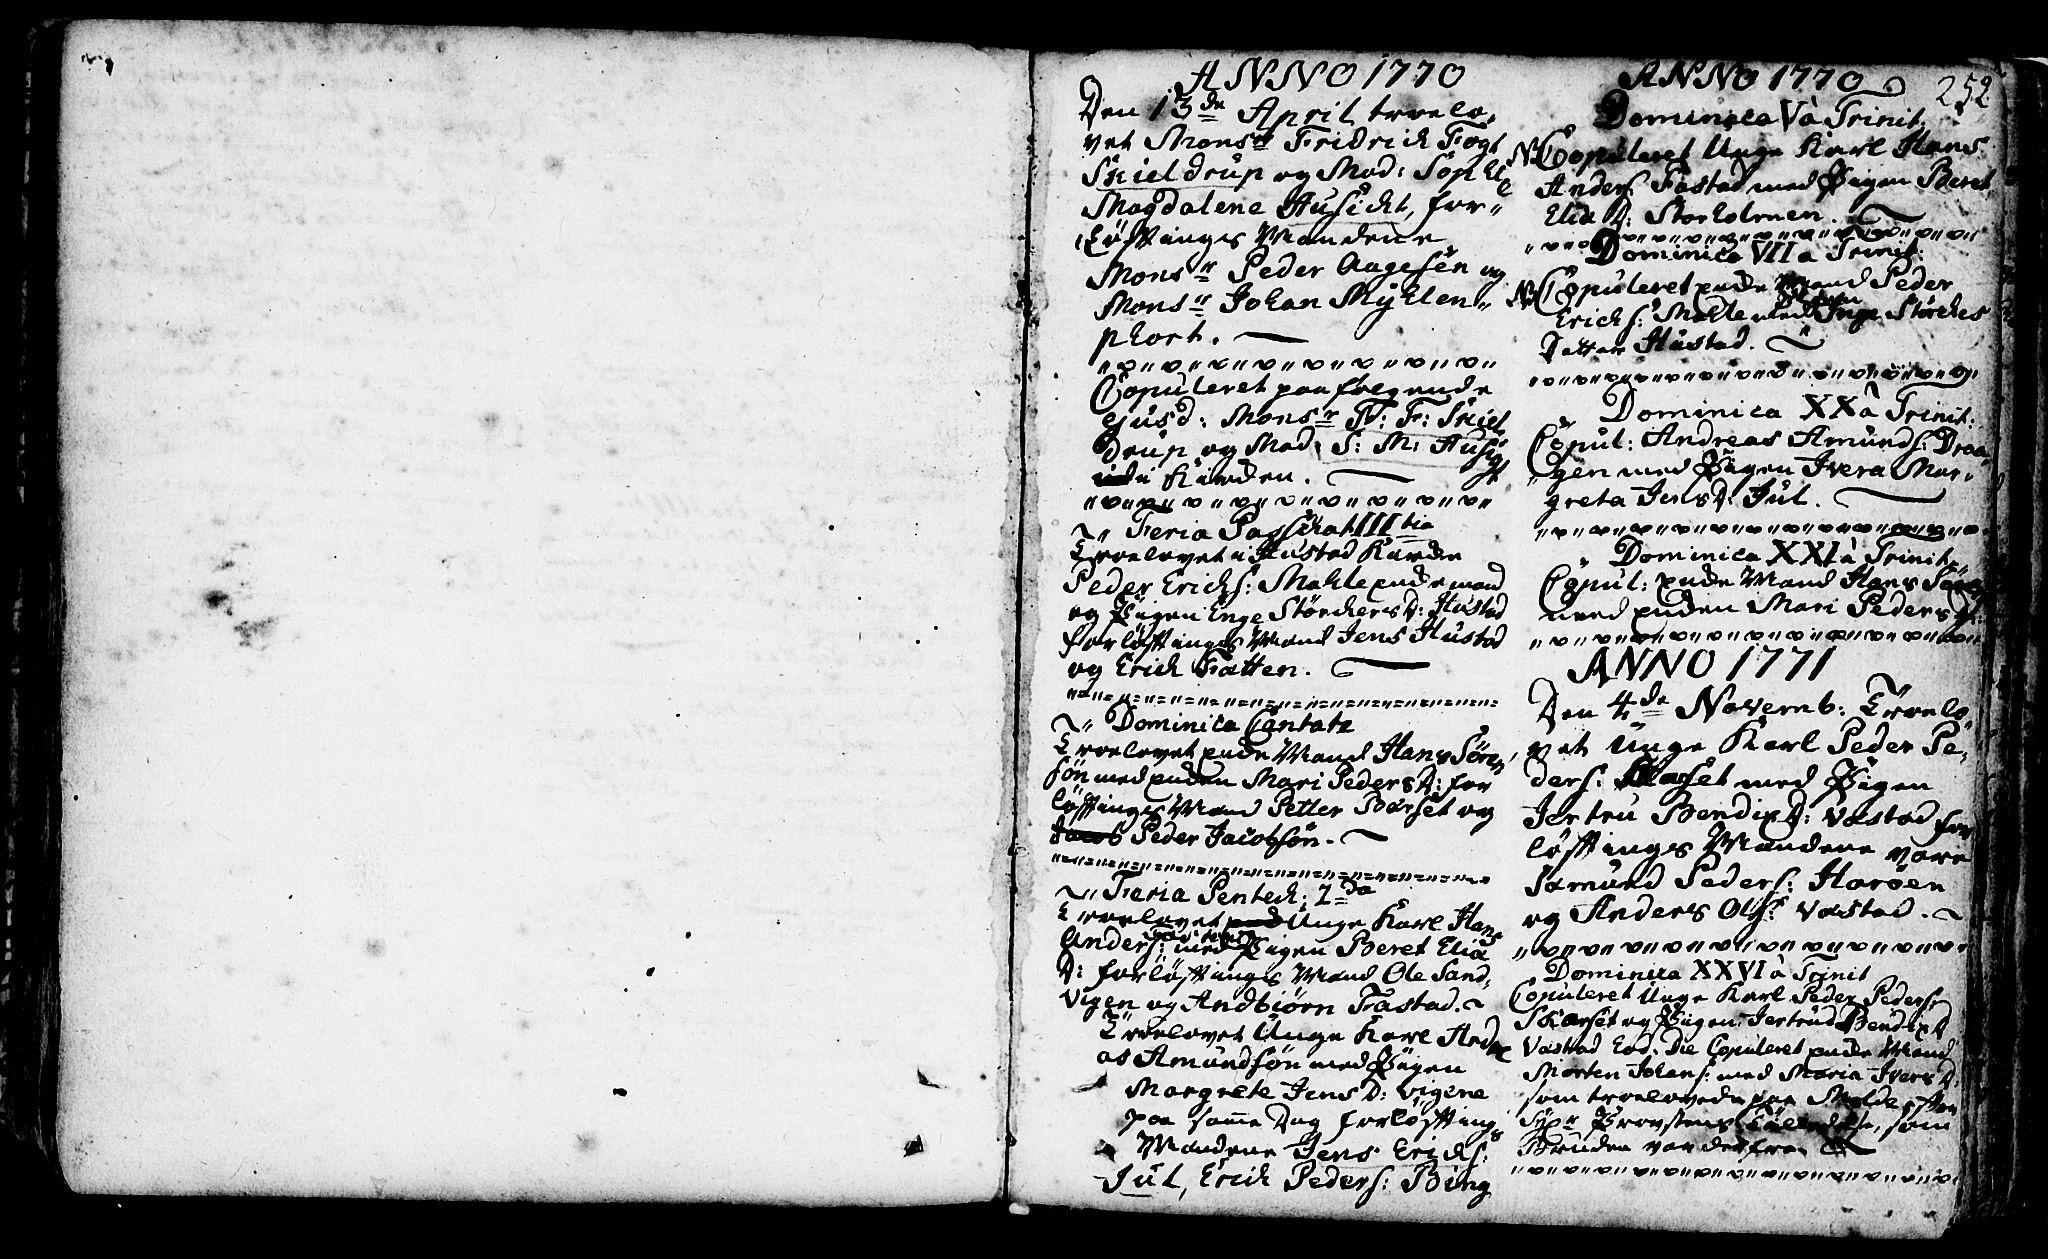 SAT, Ministerialprotokoller, klokkerbøker og fødselsregistre - Møre og Romsdal, 566/L0761: Ministerialbok nr. 566A02 /1, 1767-1817, s. 252